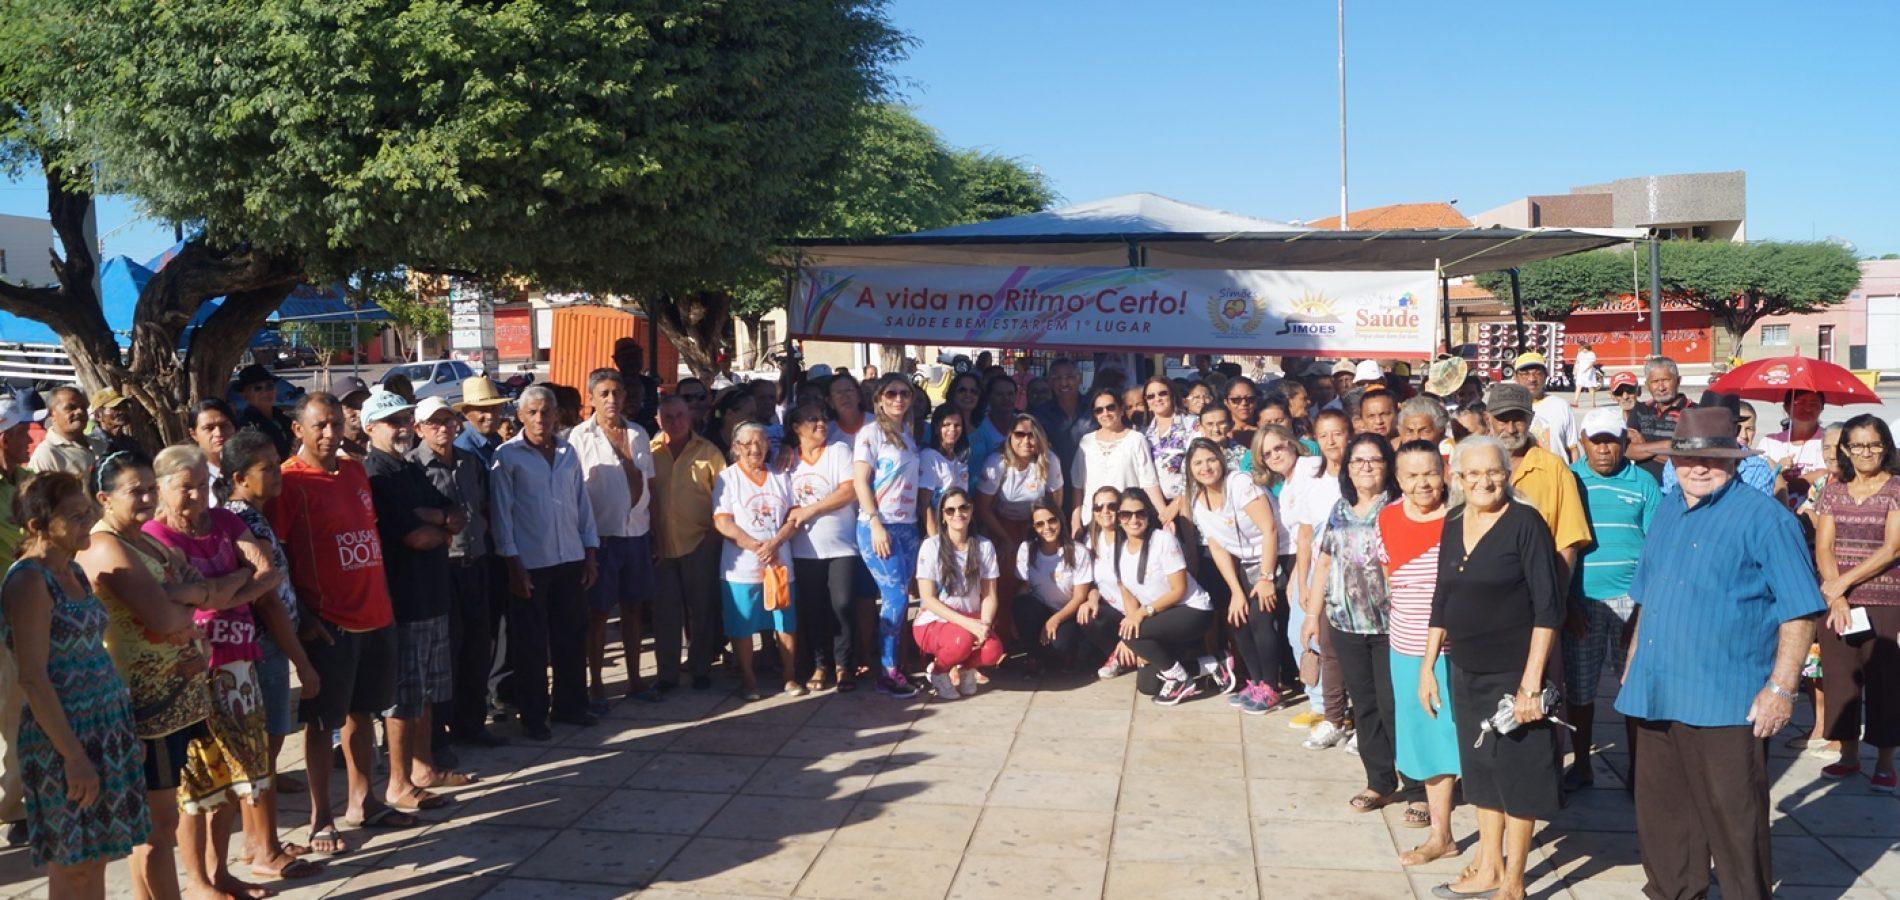 Prefeitura promove grande mobilização em prol da saúde no aniversário de Simões